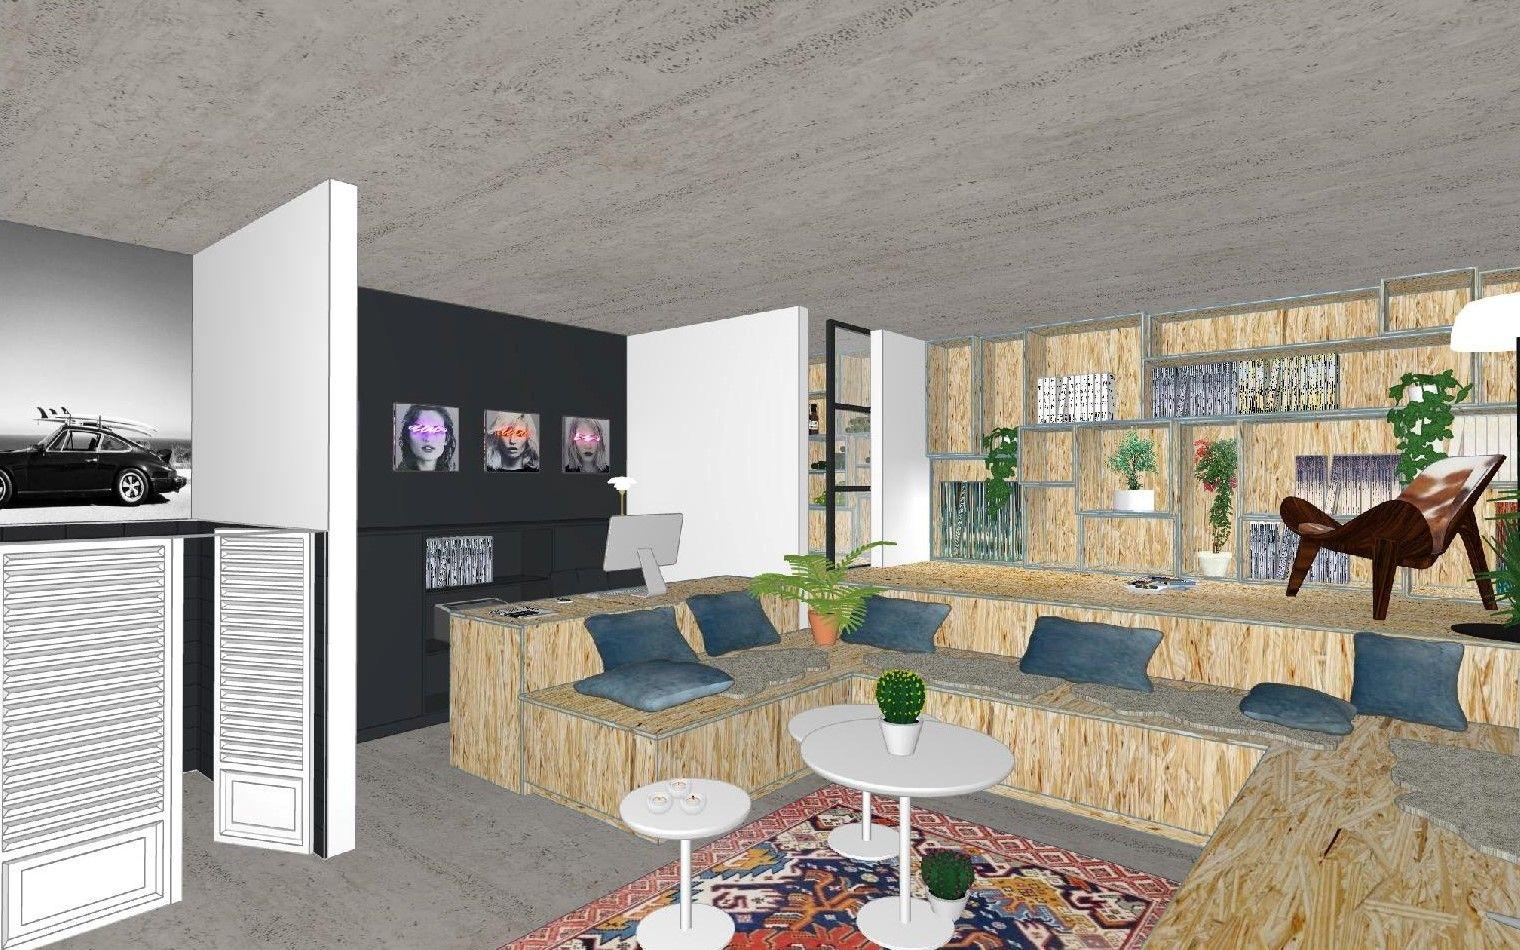 PAND binnenhuis > interieur > mancave > visualisatie   VISUALISATIE ...